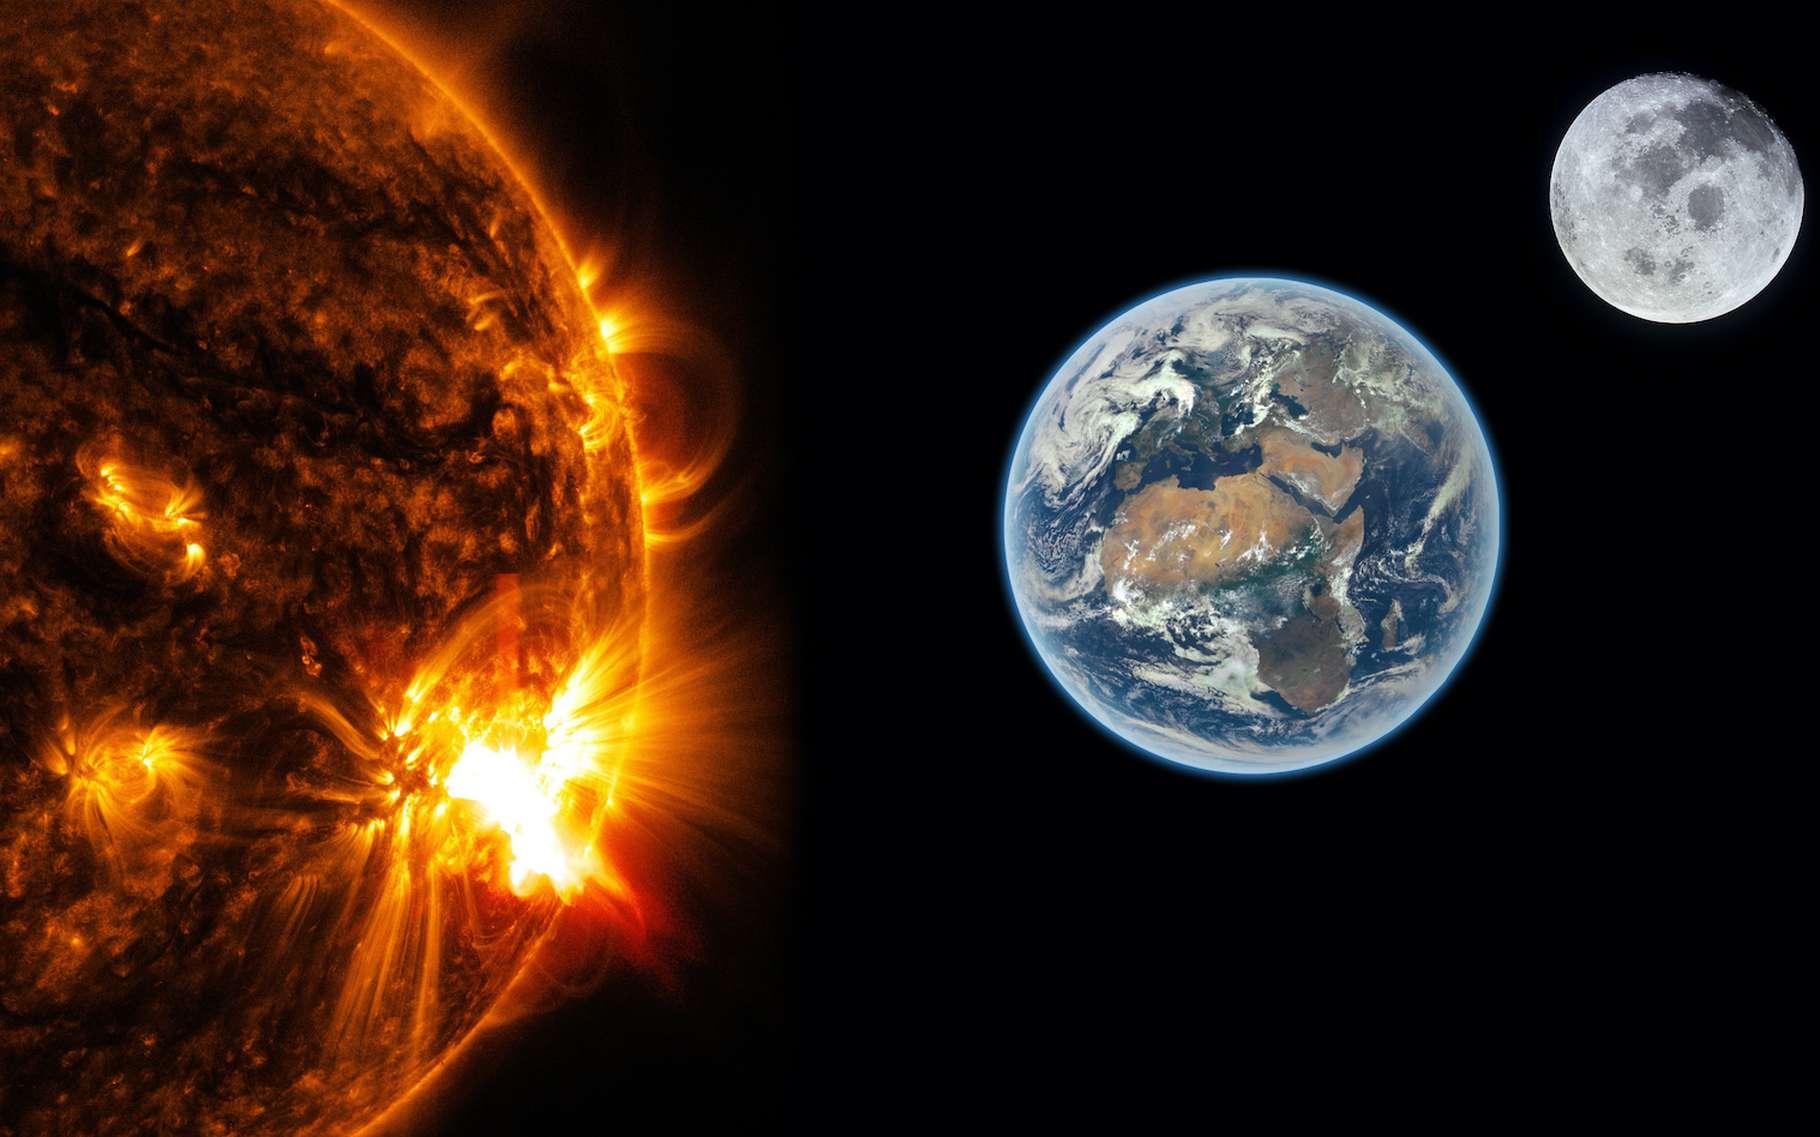 Selon des chercheurs du National center et de la University corporation for atmospheric research (NCAR-UCAR, États-Unis), la variabilité de l'activité solaire serait en corrélation avec la survenue d'événements La Niña. © Jürgen Fälchle, Adobe Stock